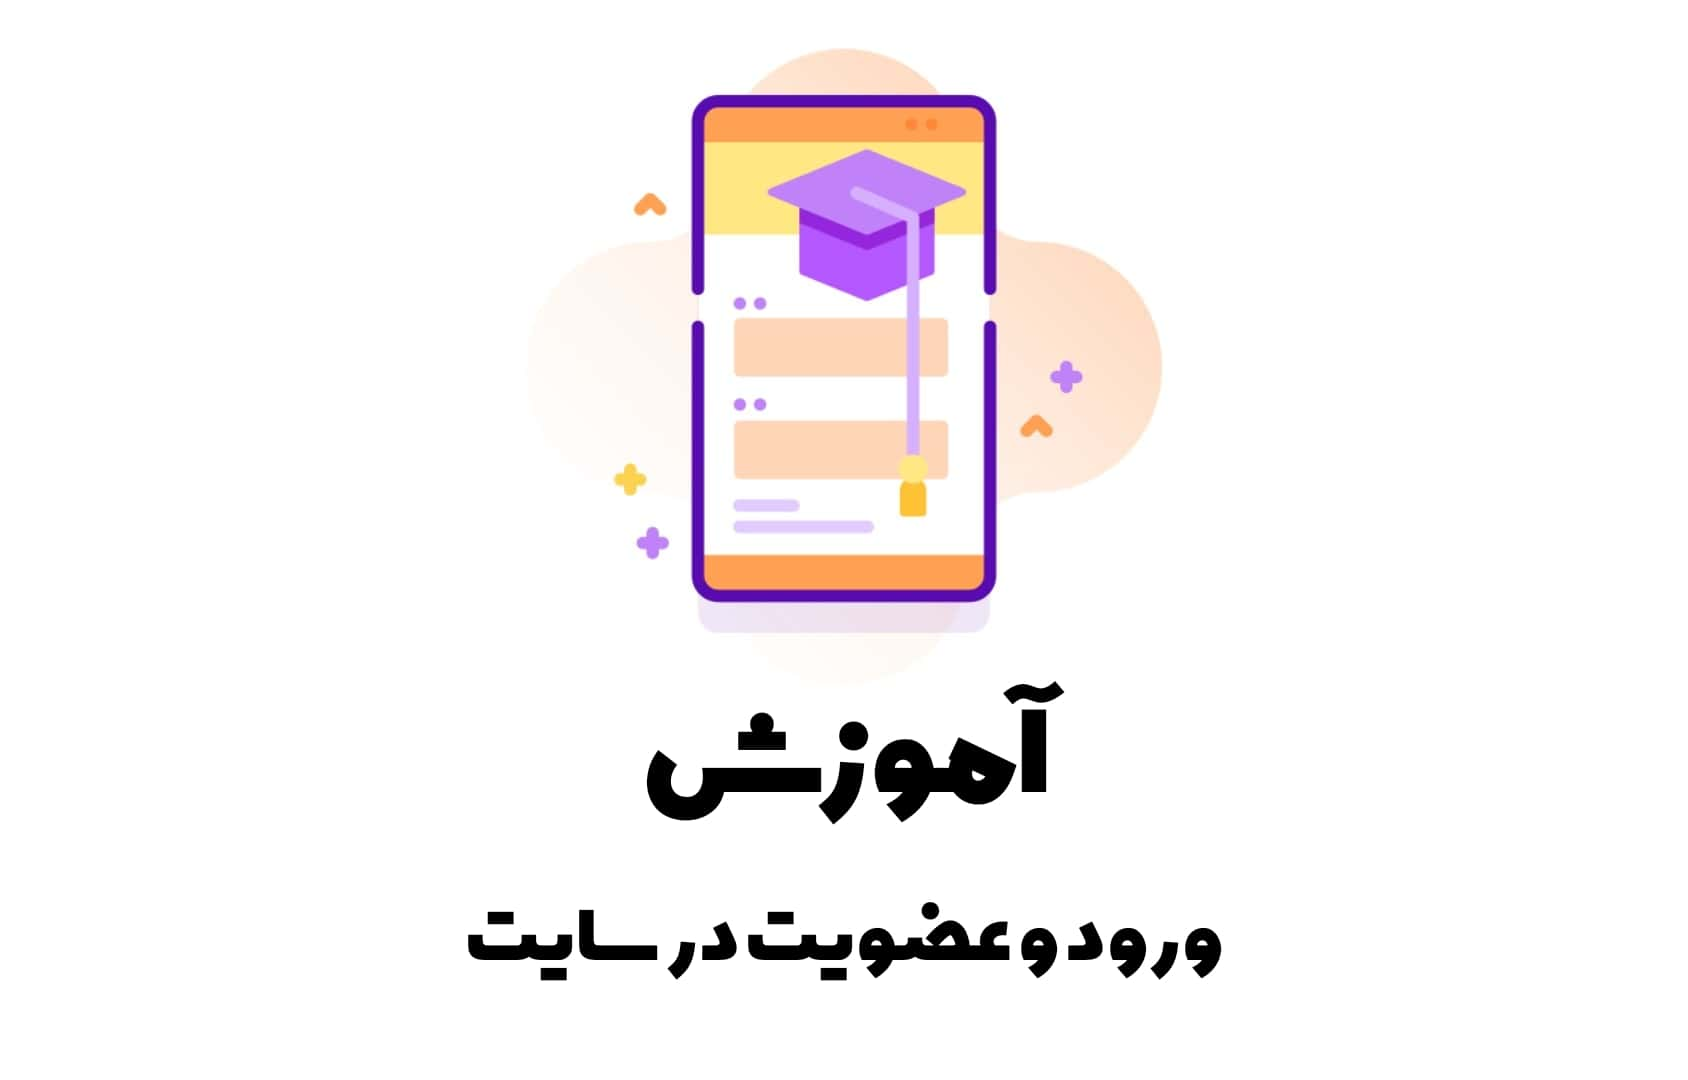 آموزش عضویت در سایت